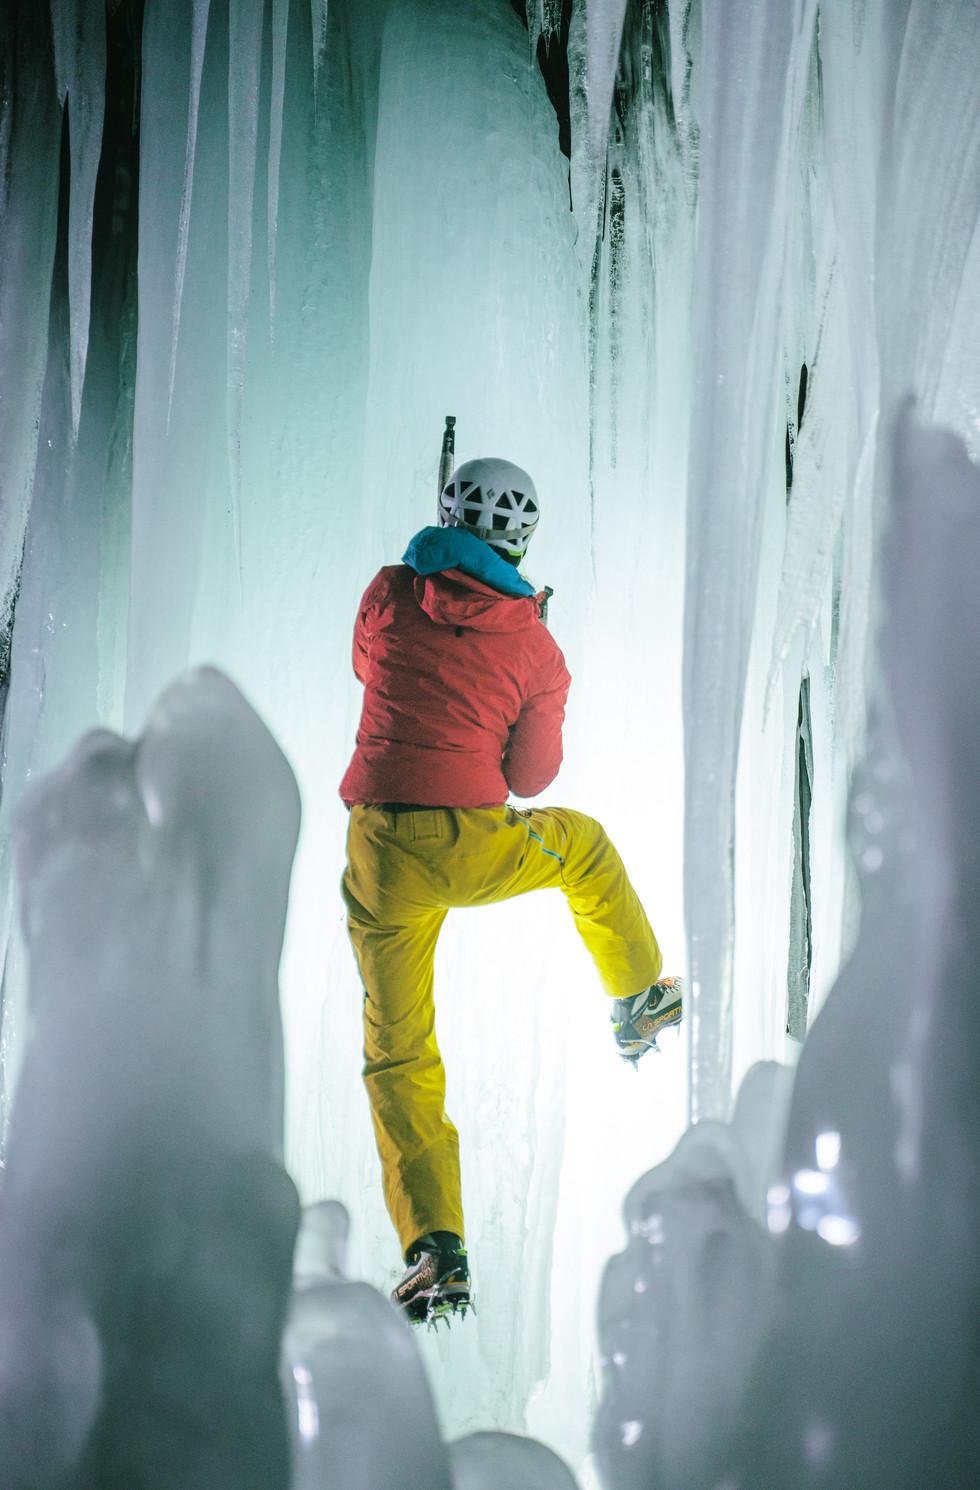 Illuminated Ice, Valdez 2021